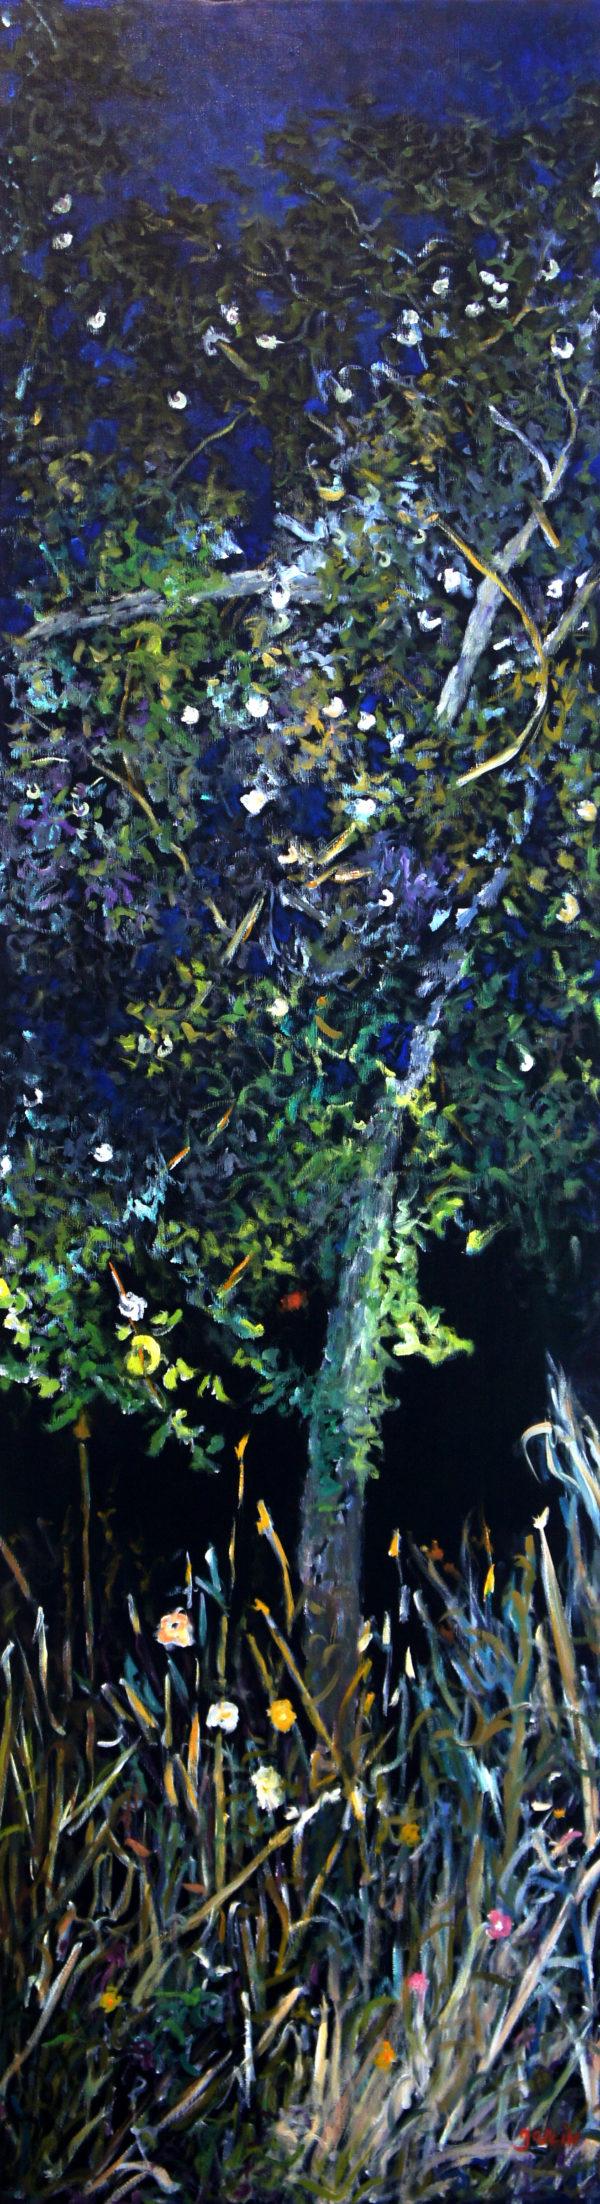 Heure bleue 2, 2019, huile sur toile 161 X 46 cm